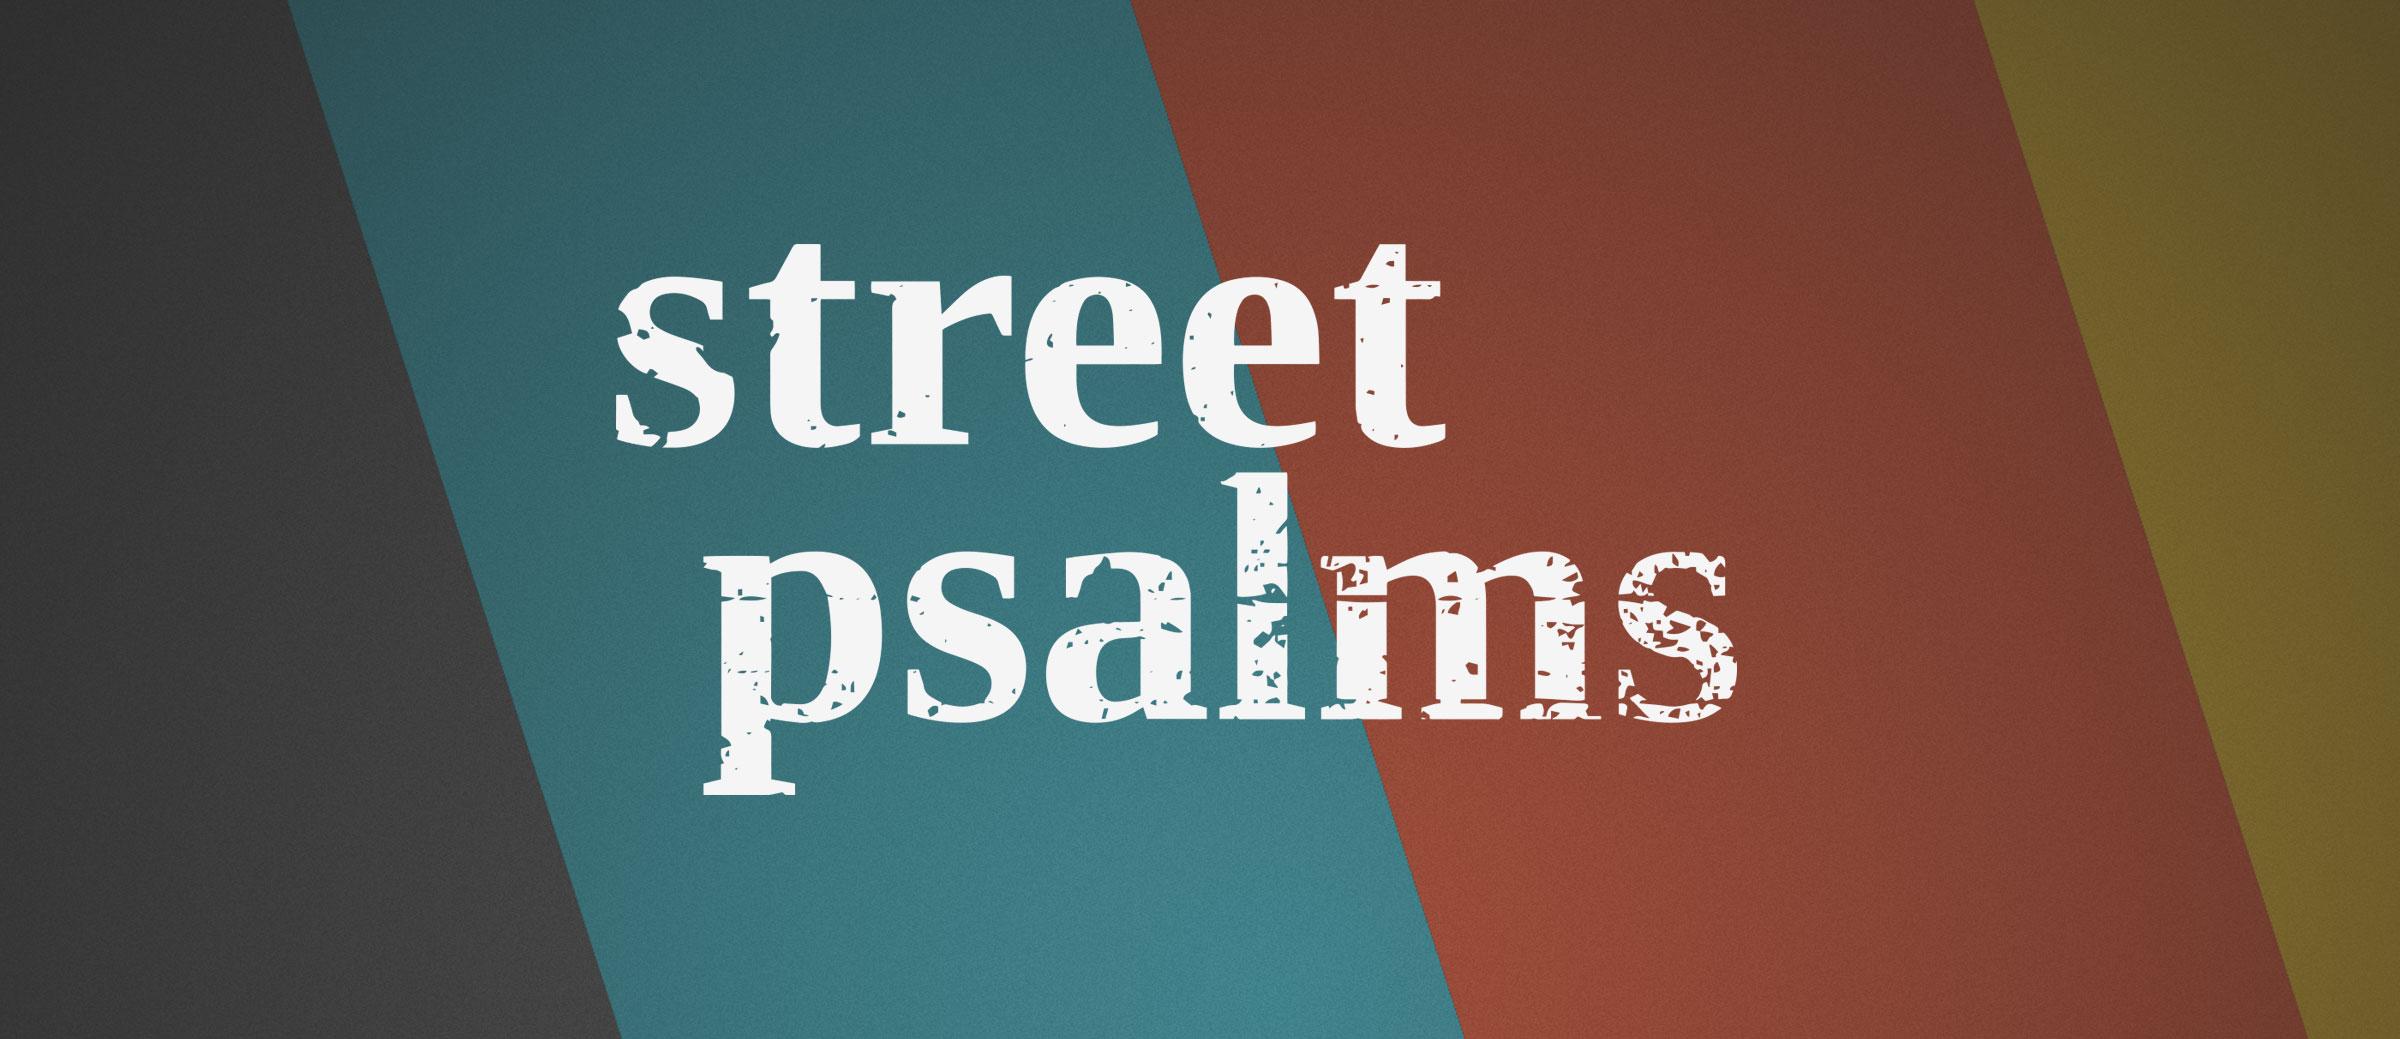 street-psalms-banner